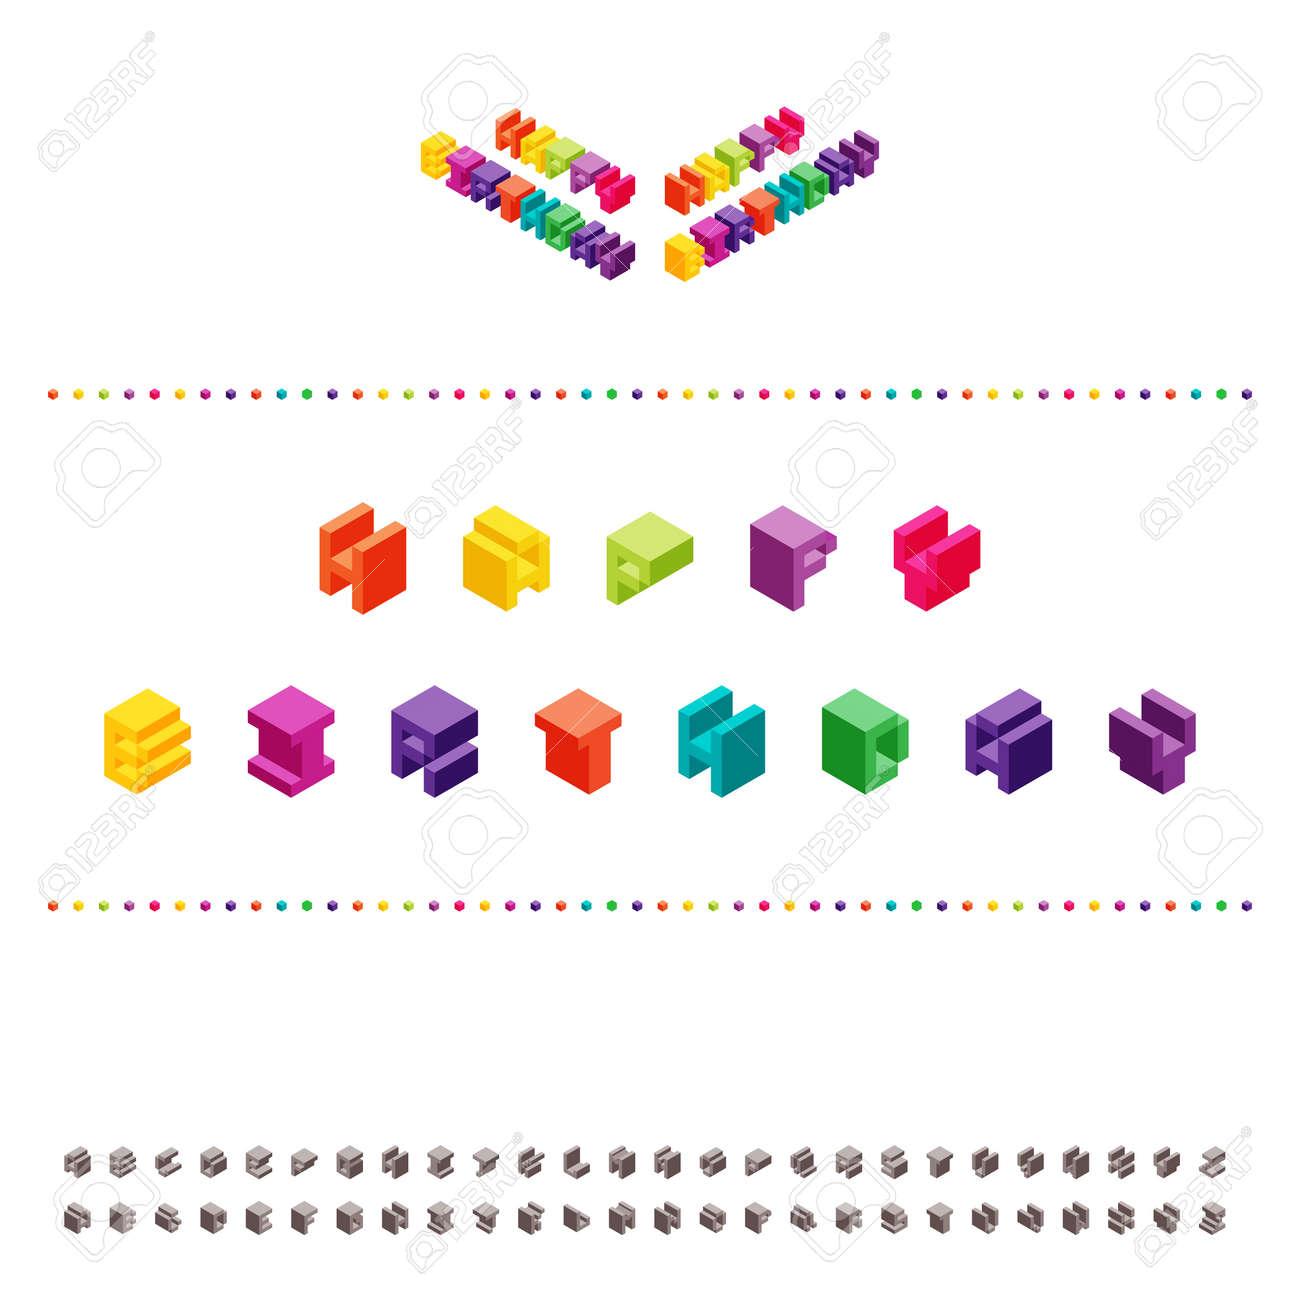 Isometrique Illustration De Pixel De Texte De Joyeux Anniversaire